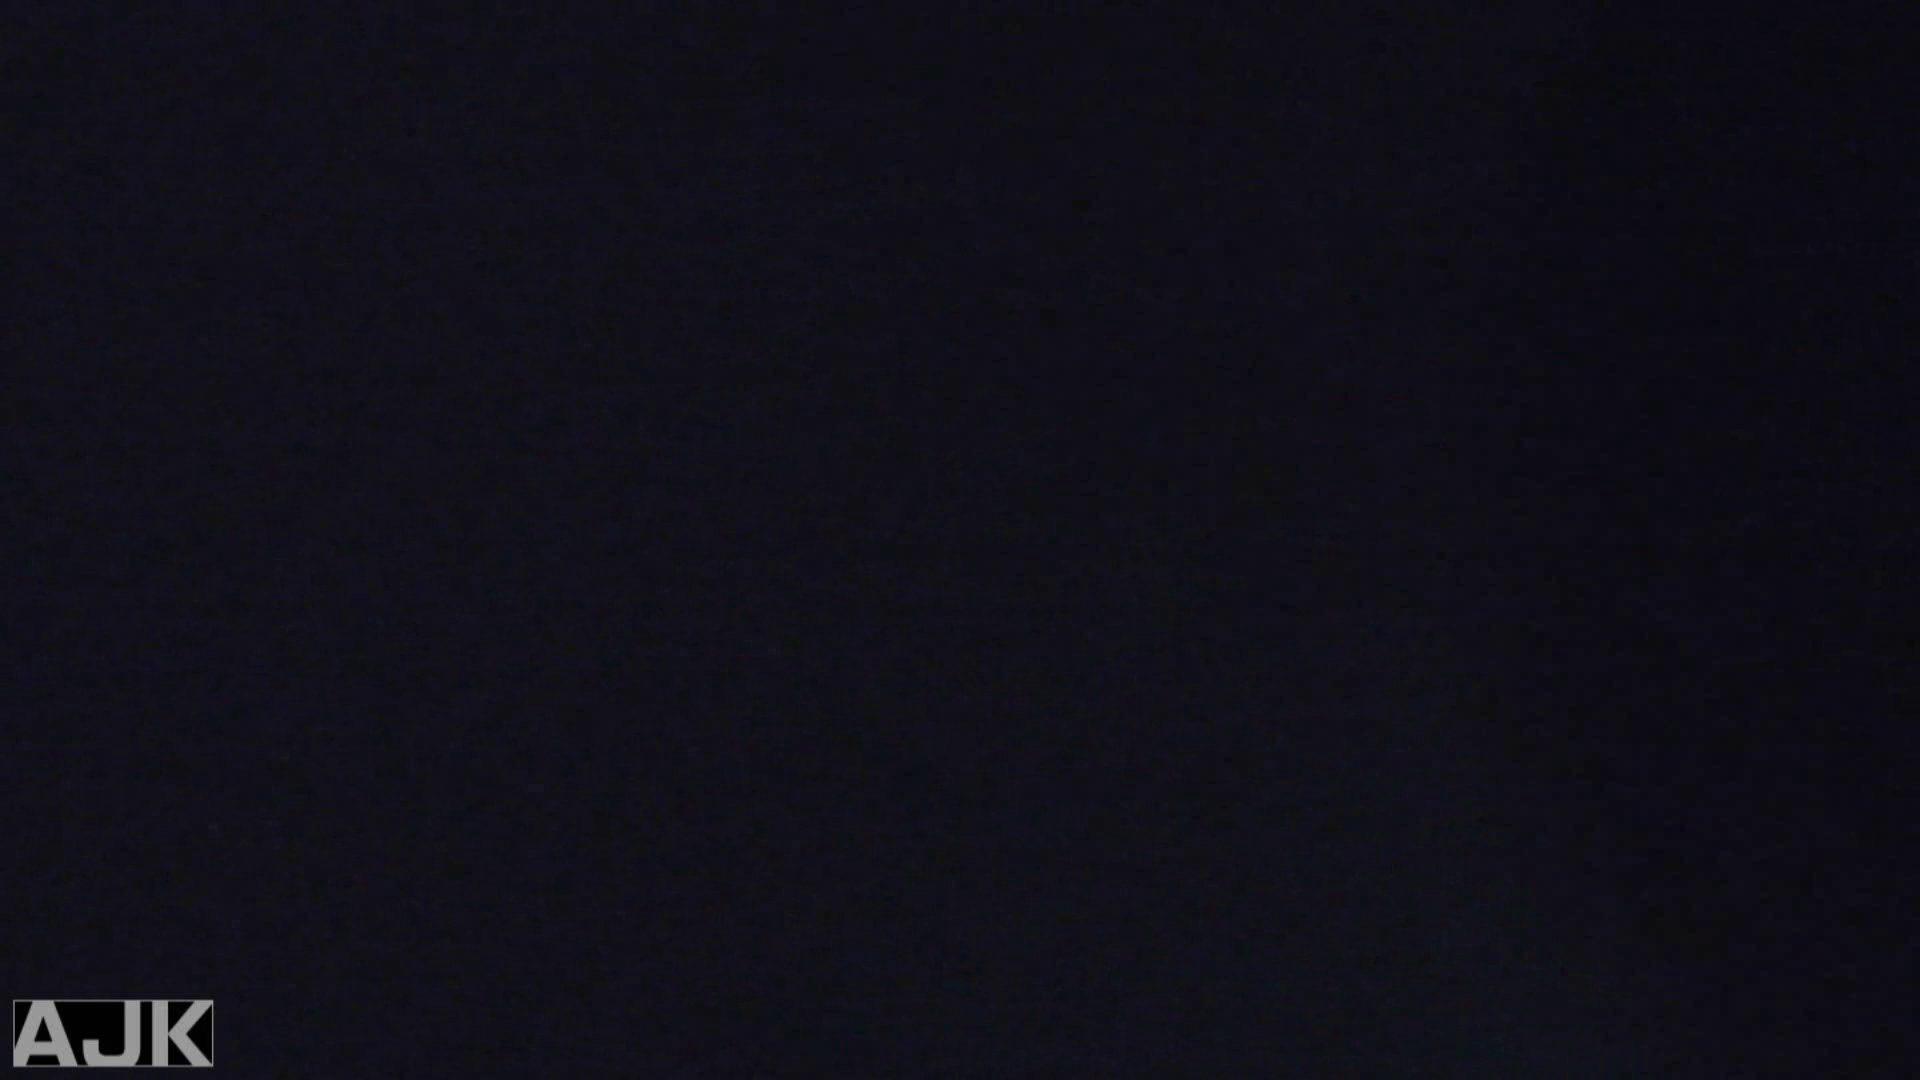 神降臨!史上最強の潜入かわや! vol.23 モロだしオマンコ | 美女丸裸  96pic 78